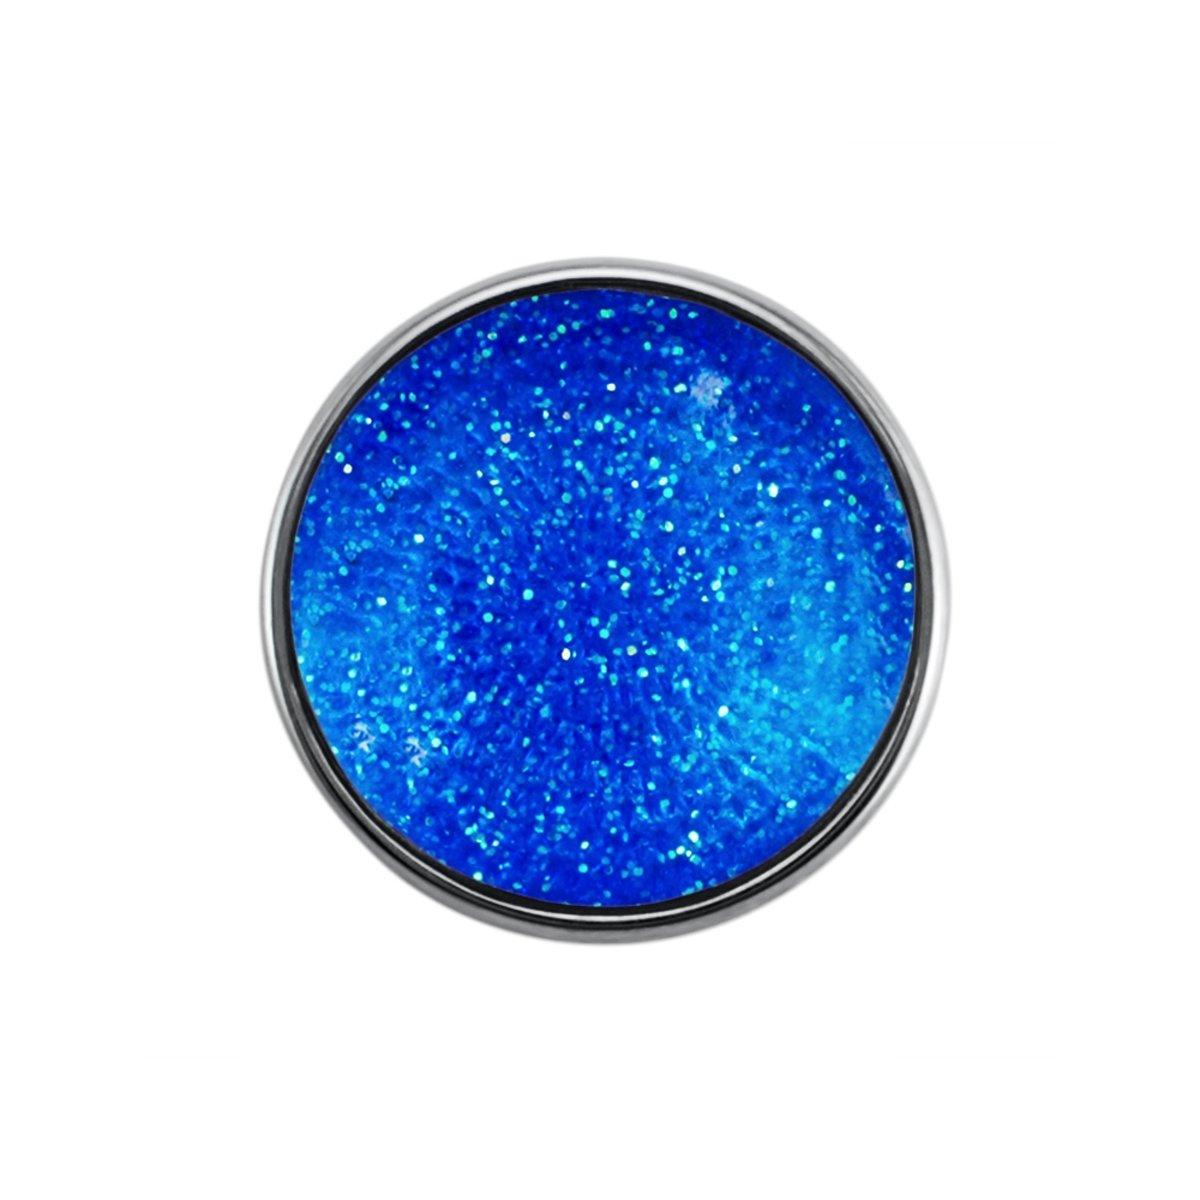 Quiges - Drukknoop Mini 12mm Space Blauw - EBCMK003 kopen